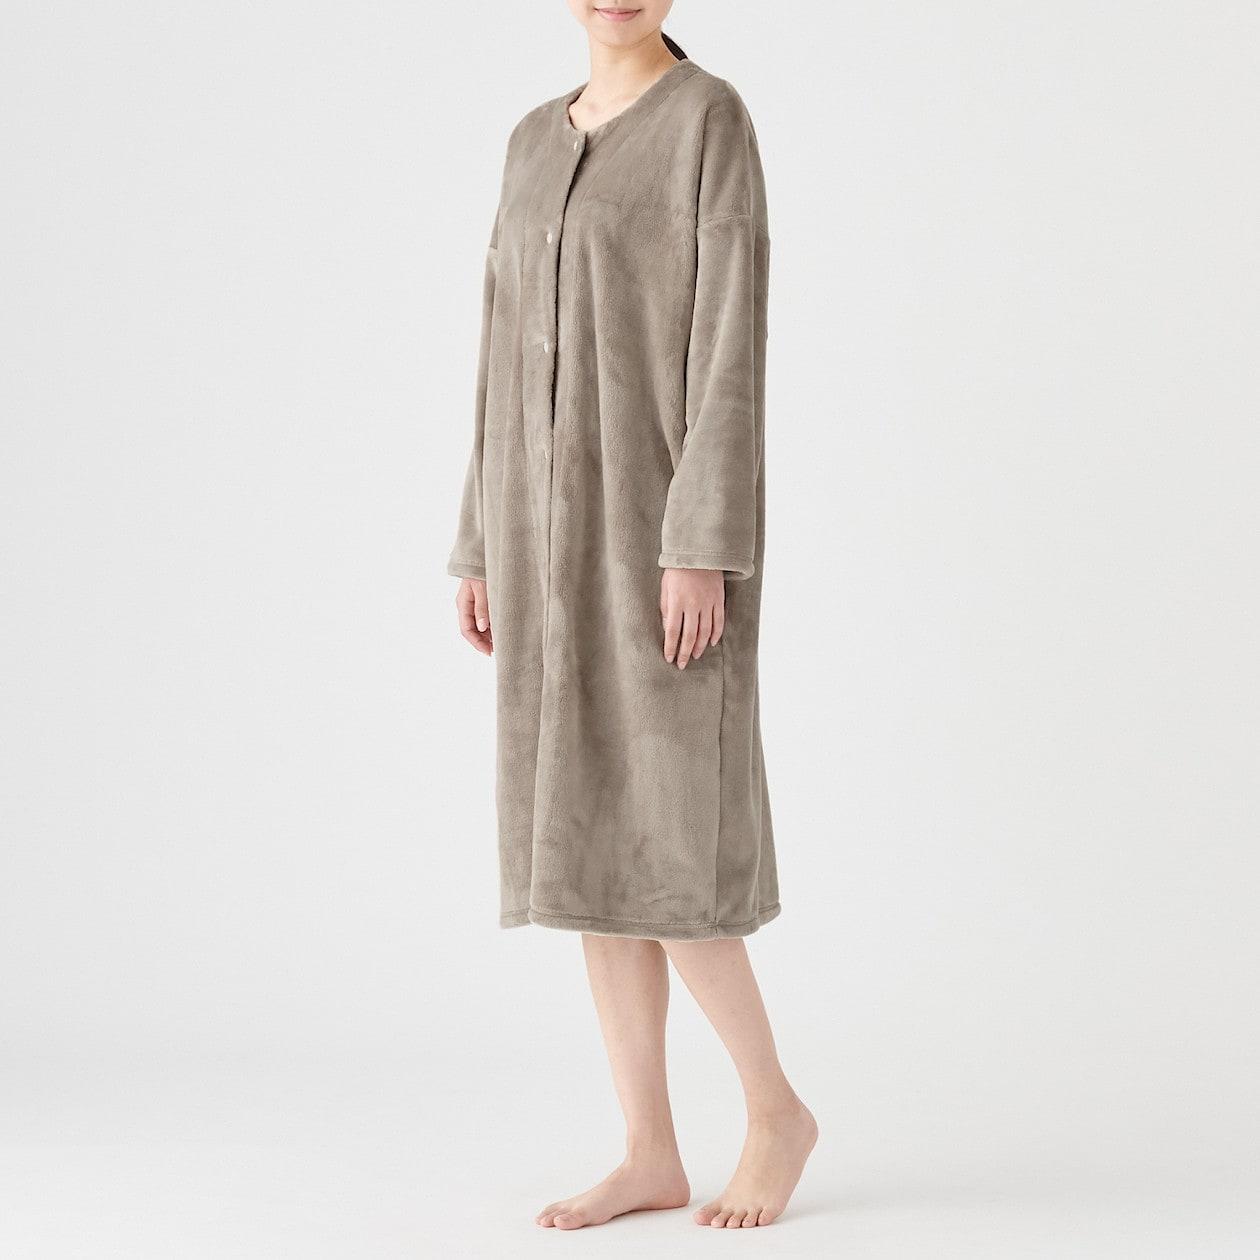 シンプルで快適な無印良品「あたたかファイバー 着る毛布スリーパー」